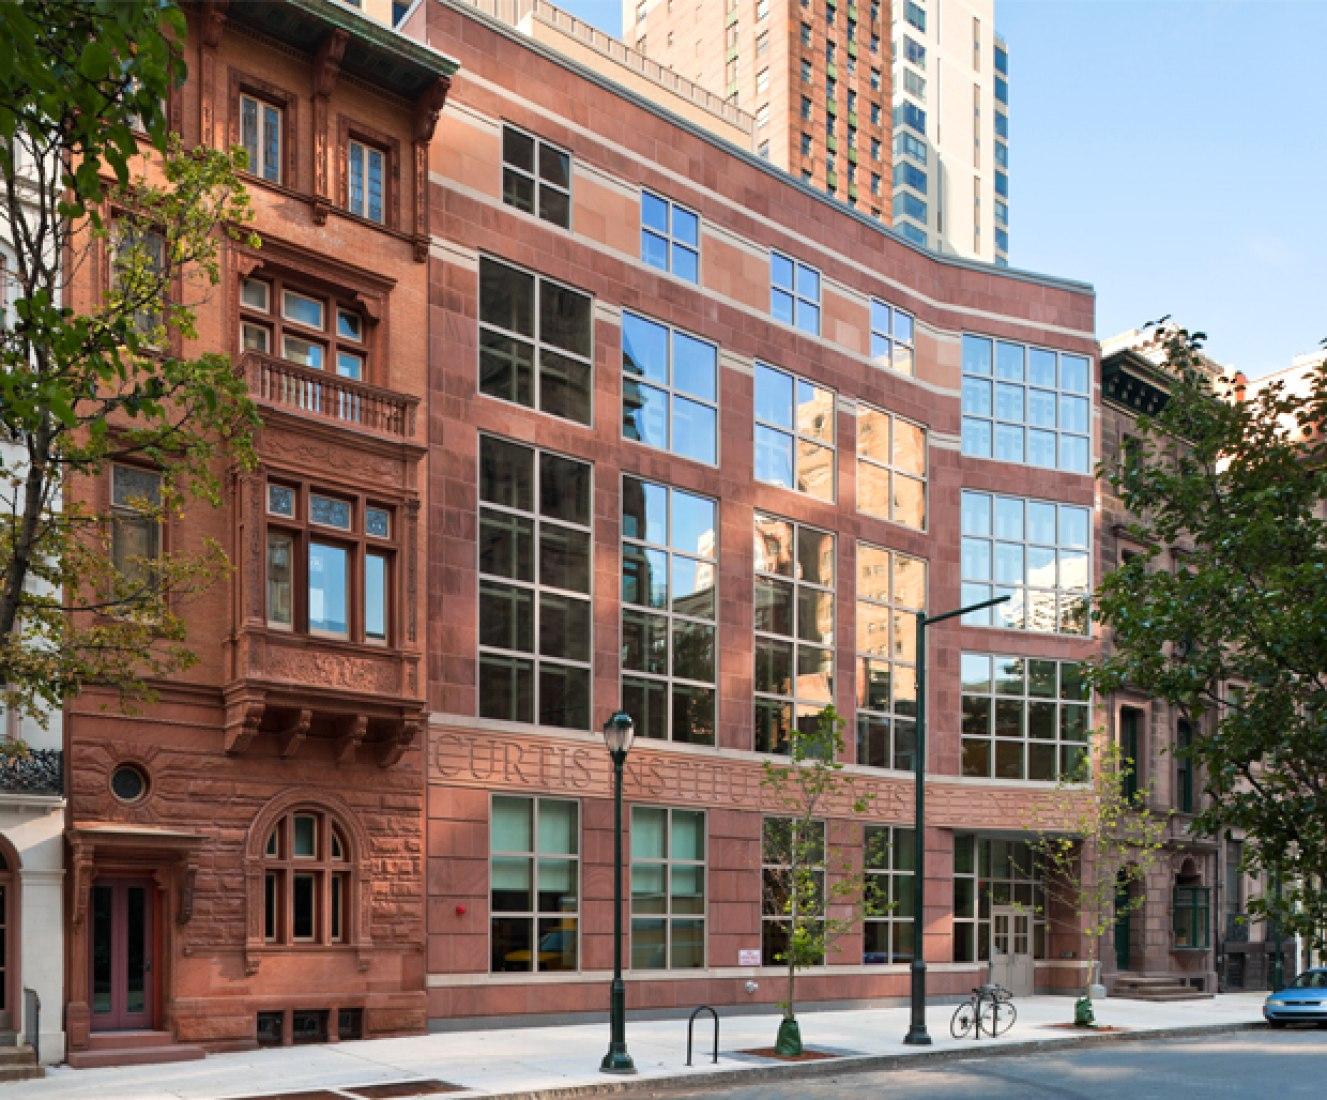 Curtis Instituto de Música. Lenfesthall. Filadelfia, EE.UU. Septiembre, 2011.